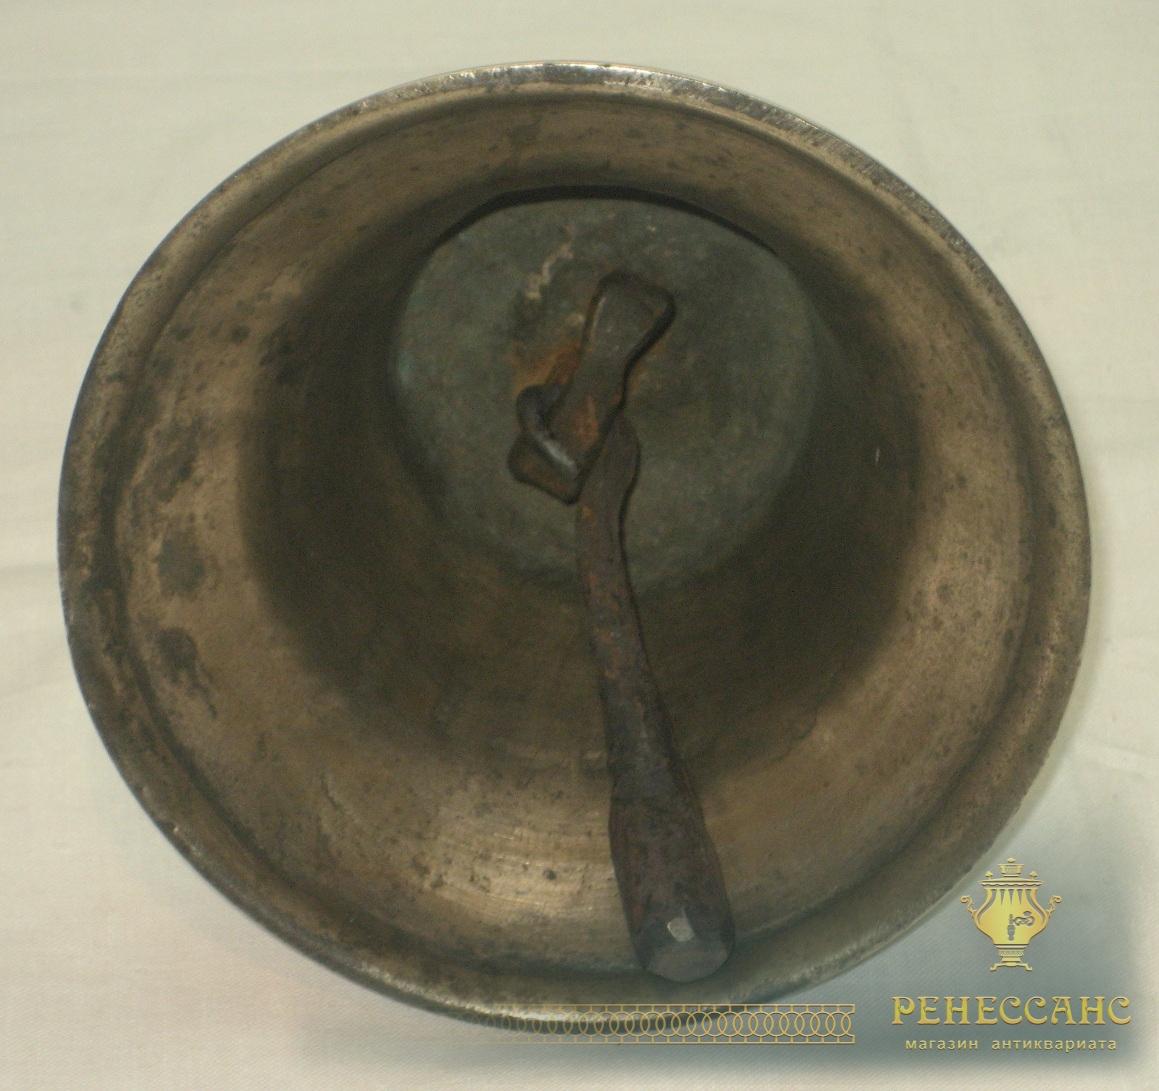 Колокол поддужный, колокольчик бронзовый старинный, 19 век №2476